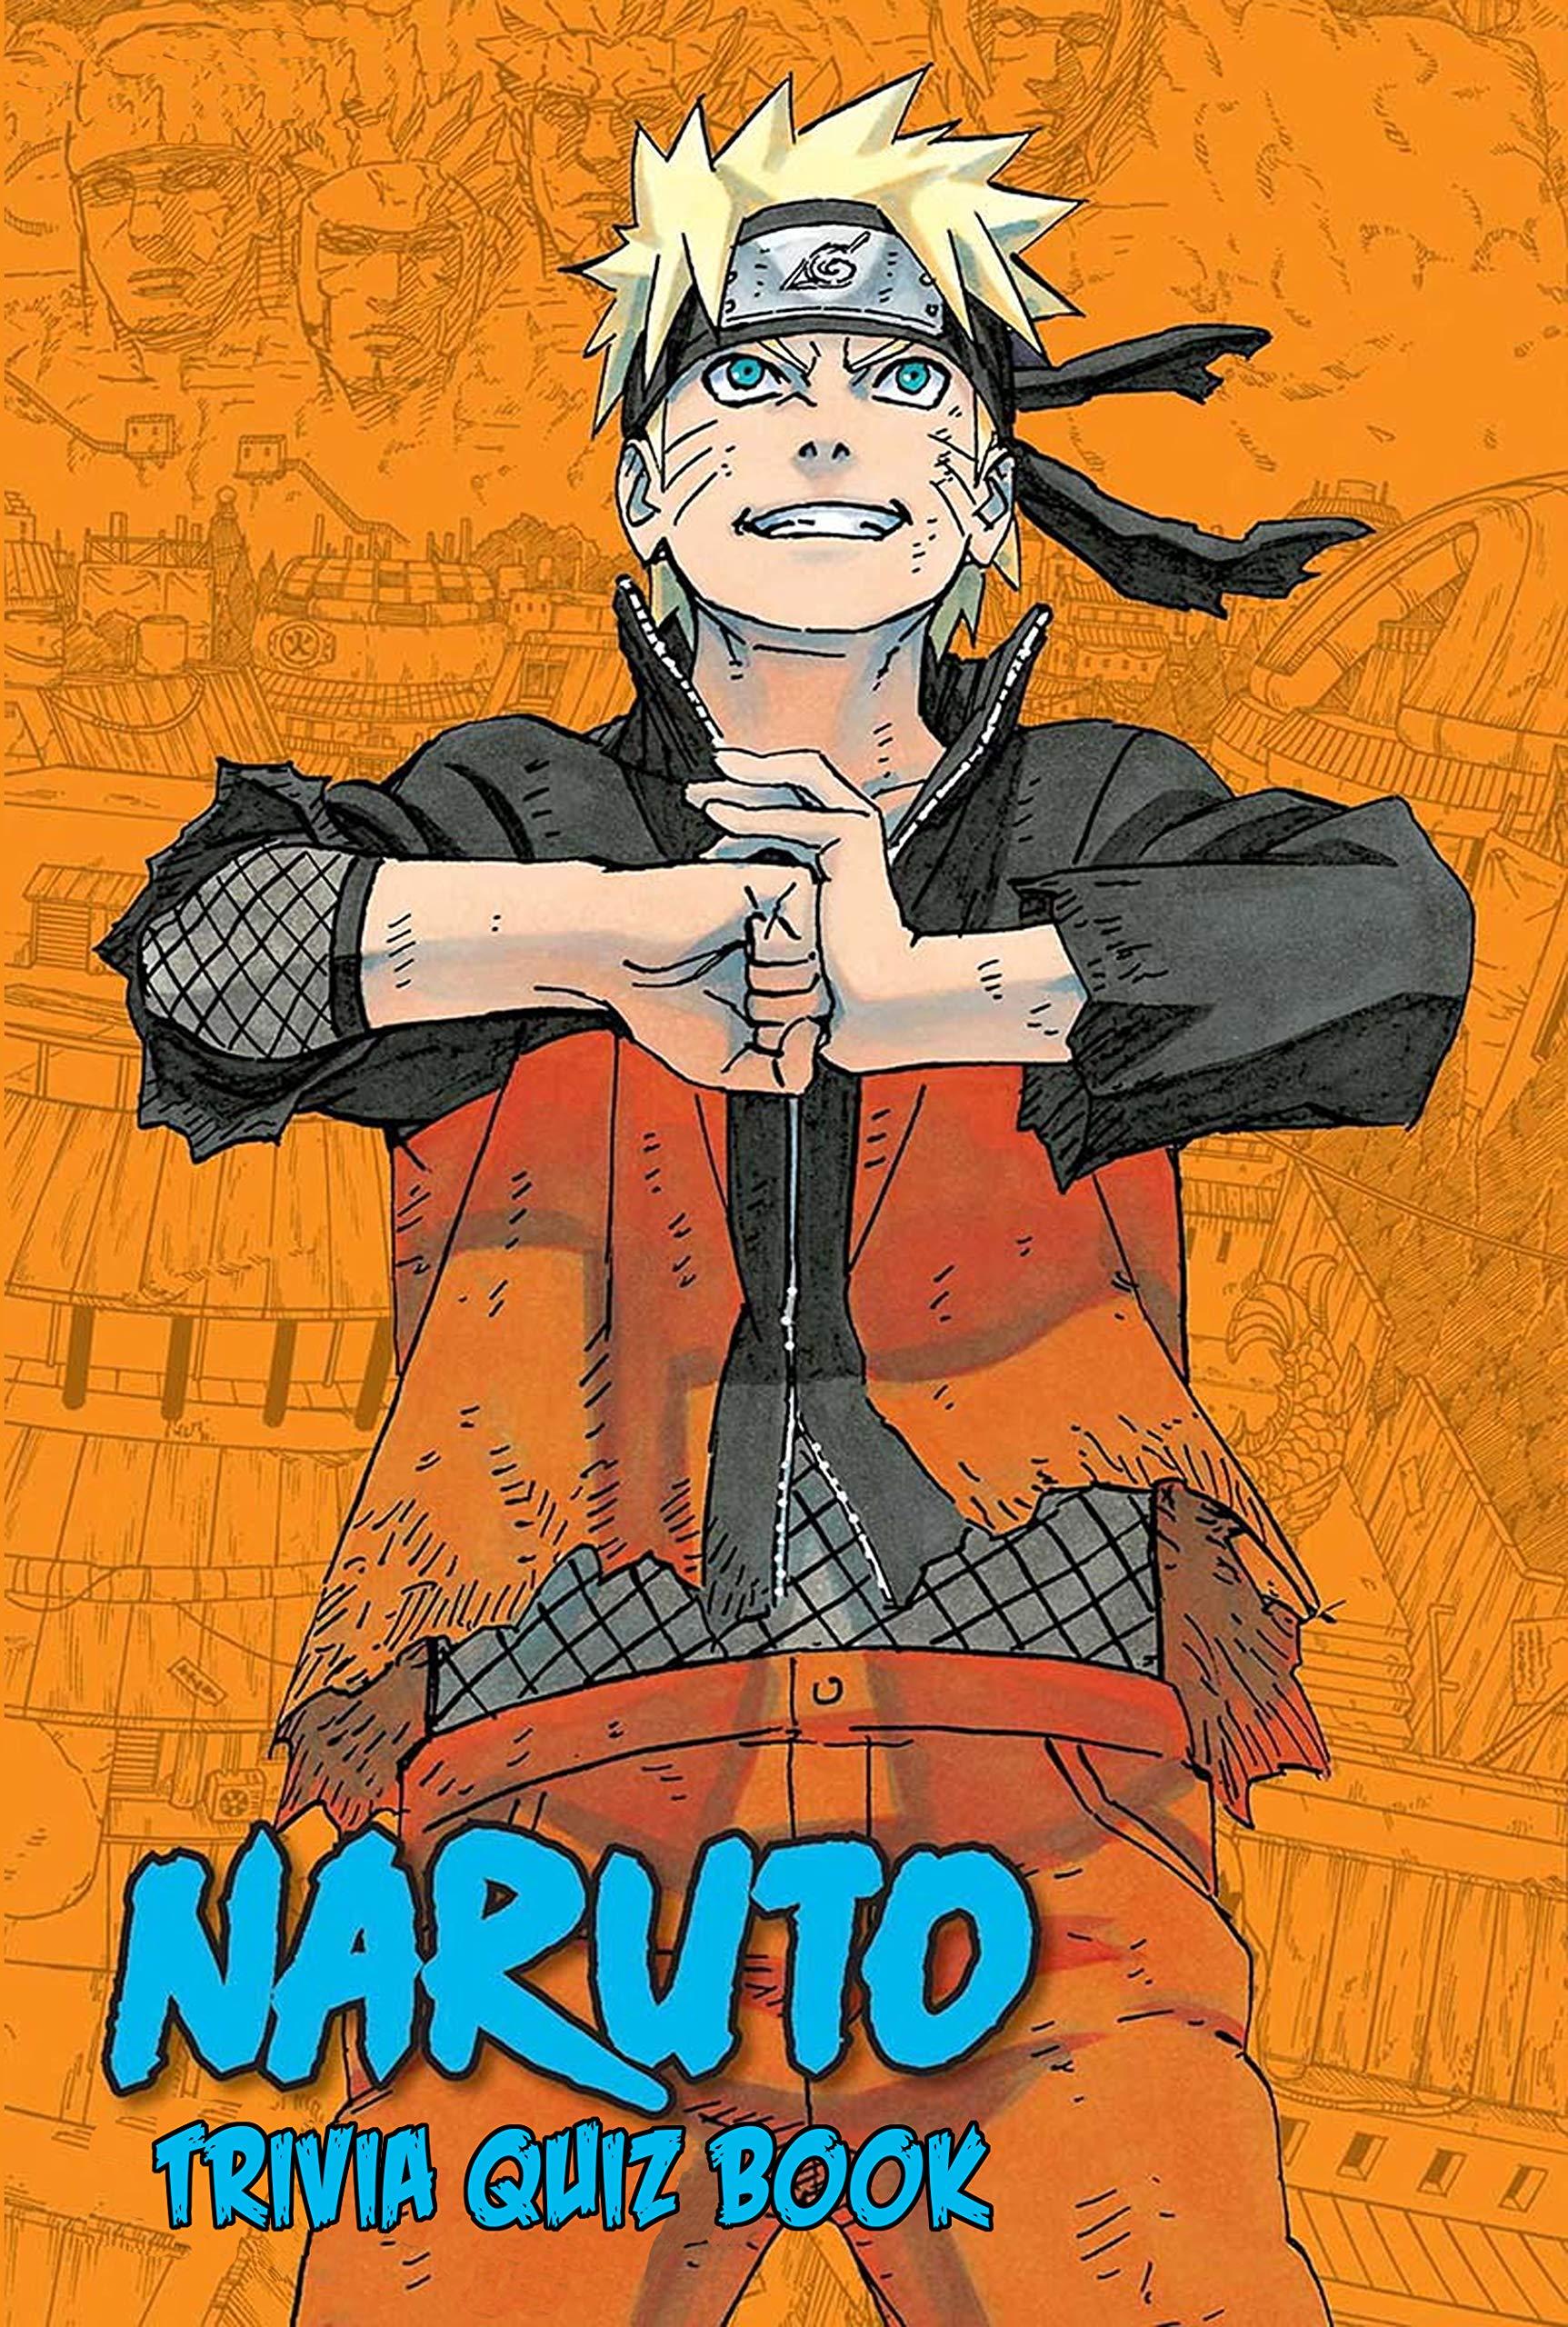 Naruto: Trivia Quiz Book